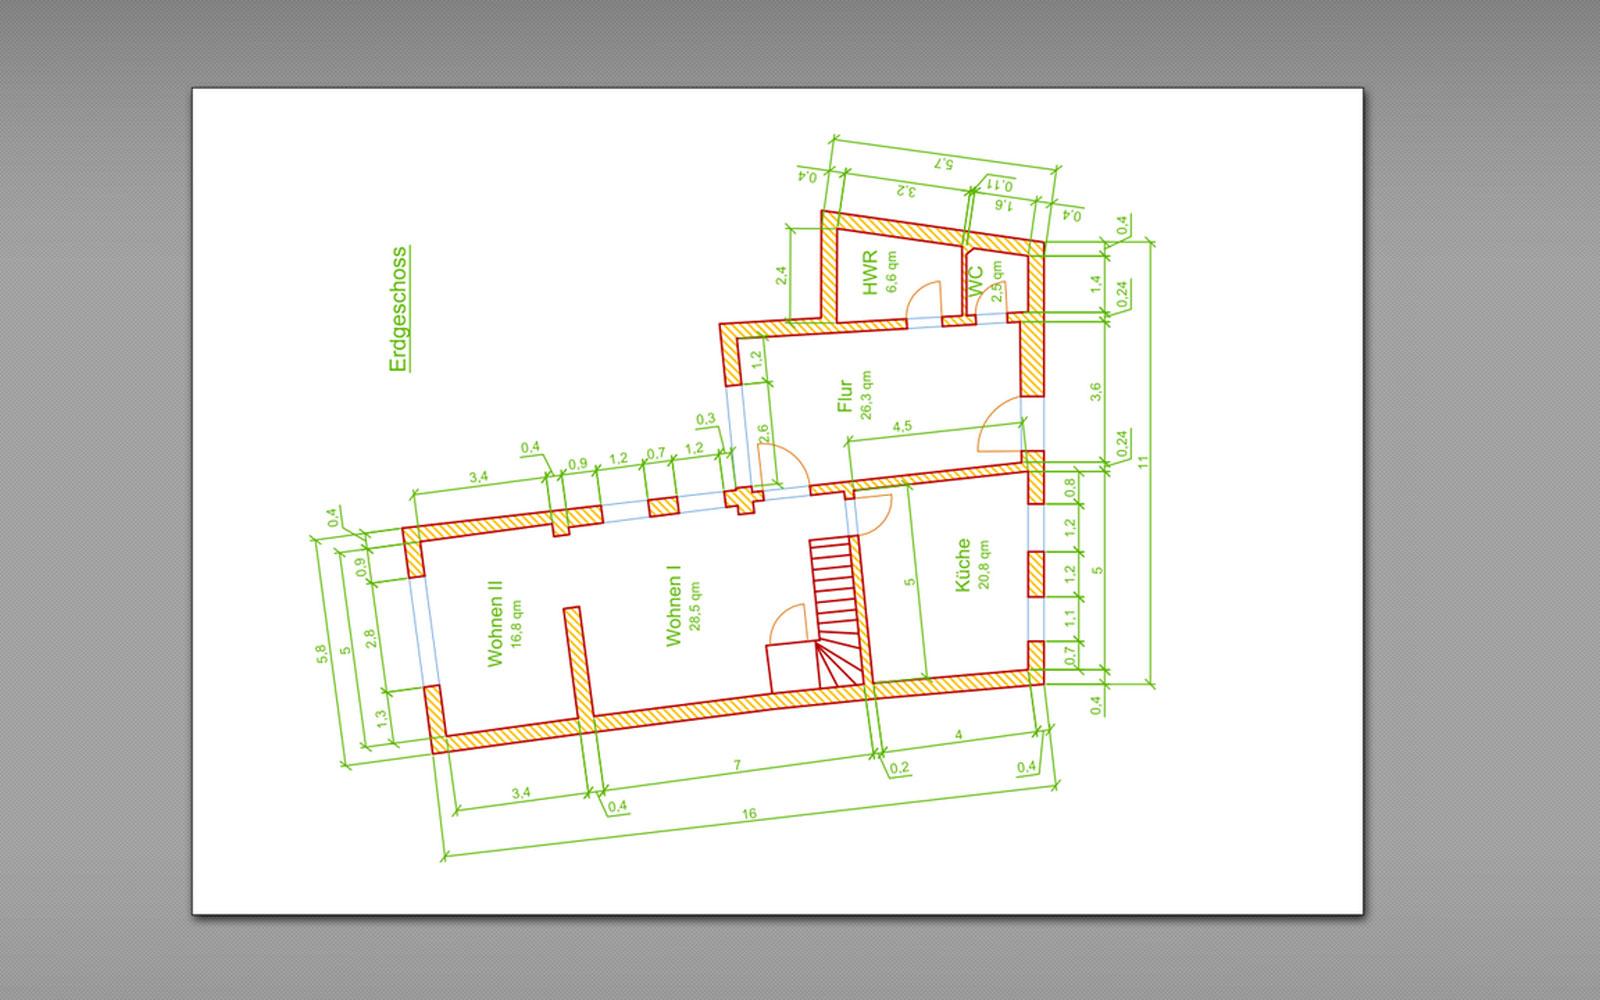 Conap 3D Scanning Services - 3D Scan eines Bauernhauses mit Maßen